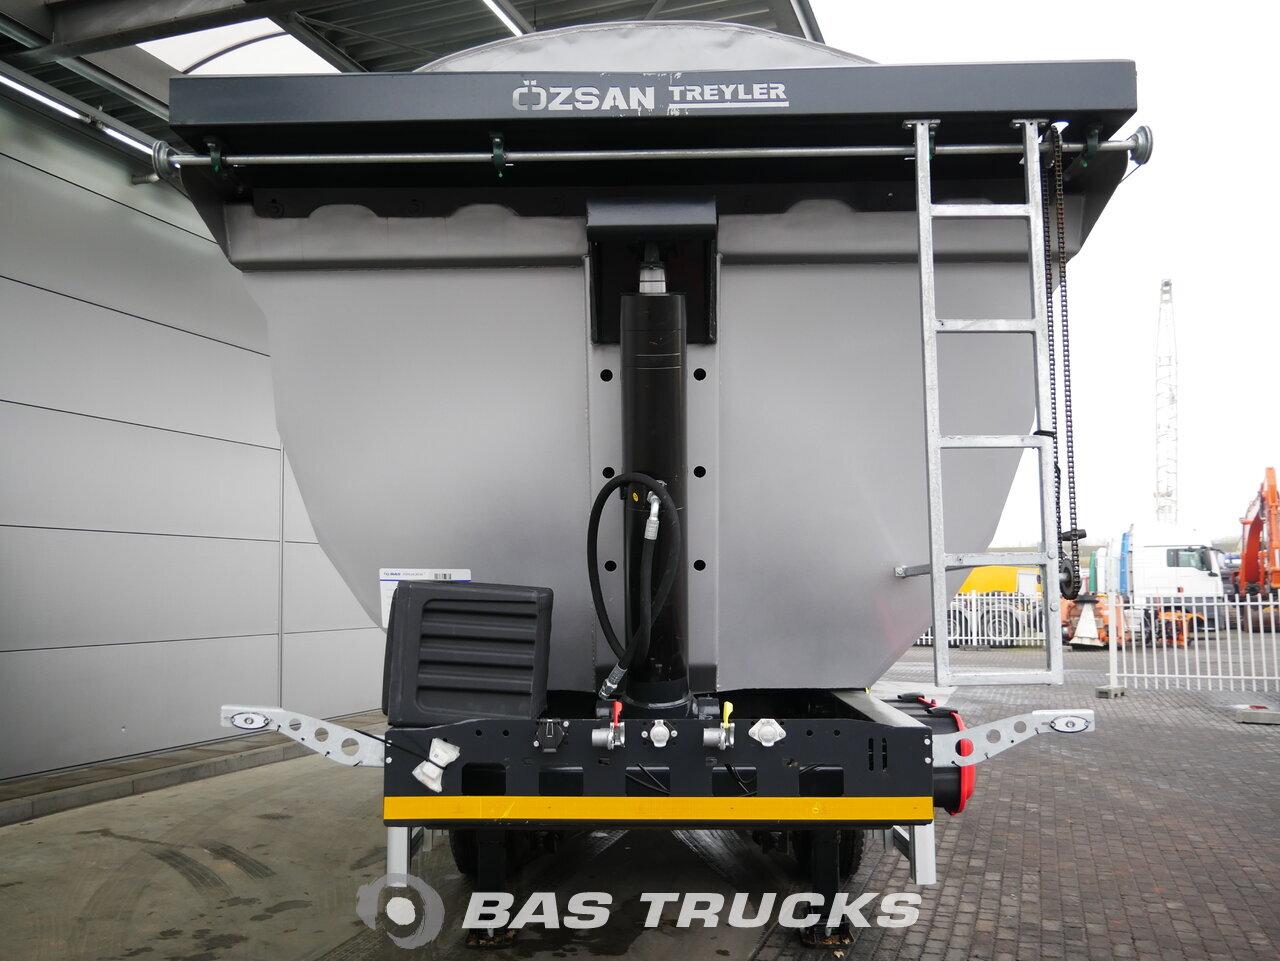 foto di Nuovo Semirimorchio Ozsan 24m3 Stahlkipper 2x SAF Liftachse WABCO assi